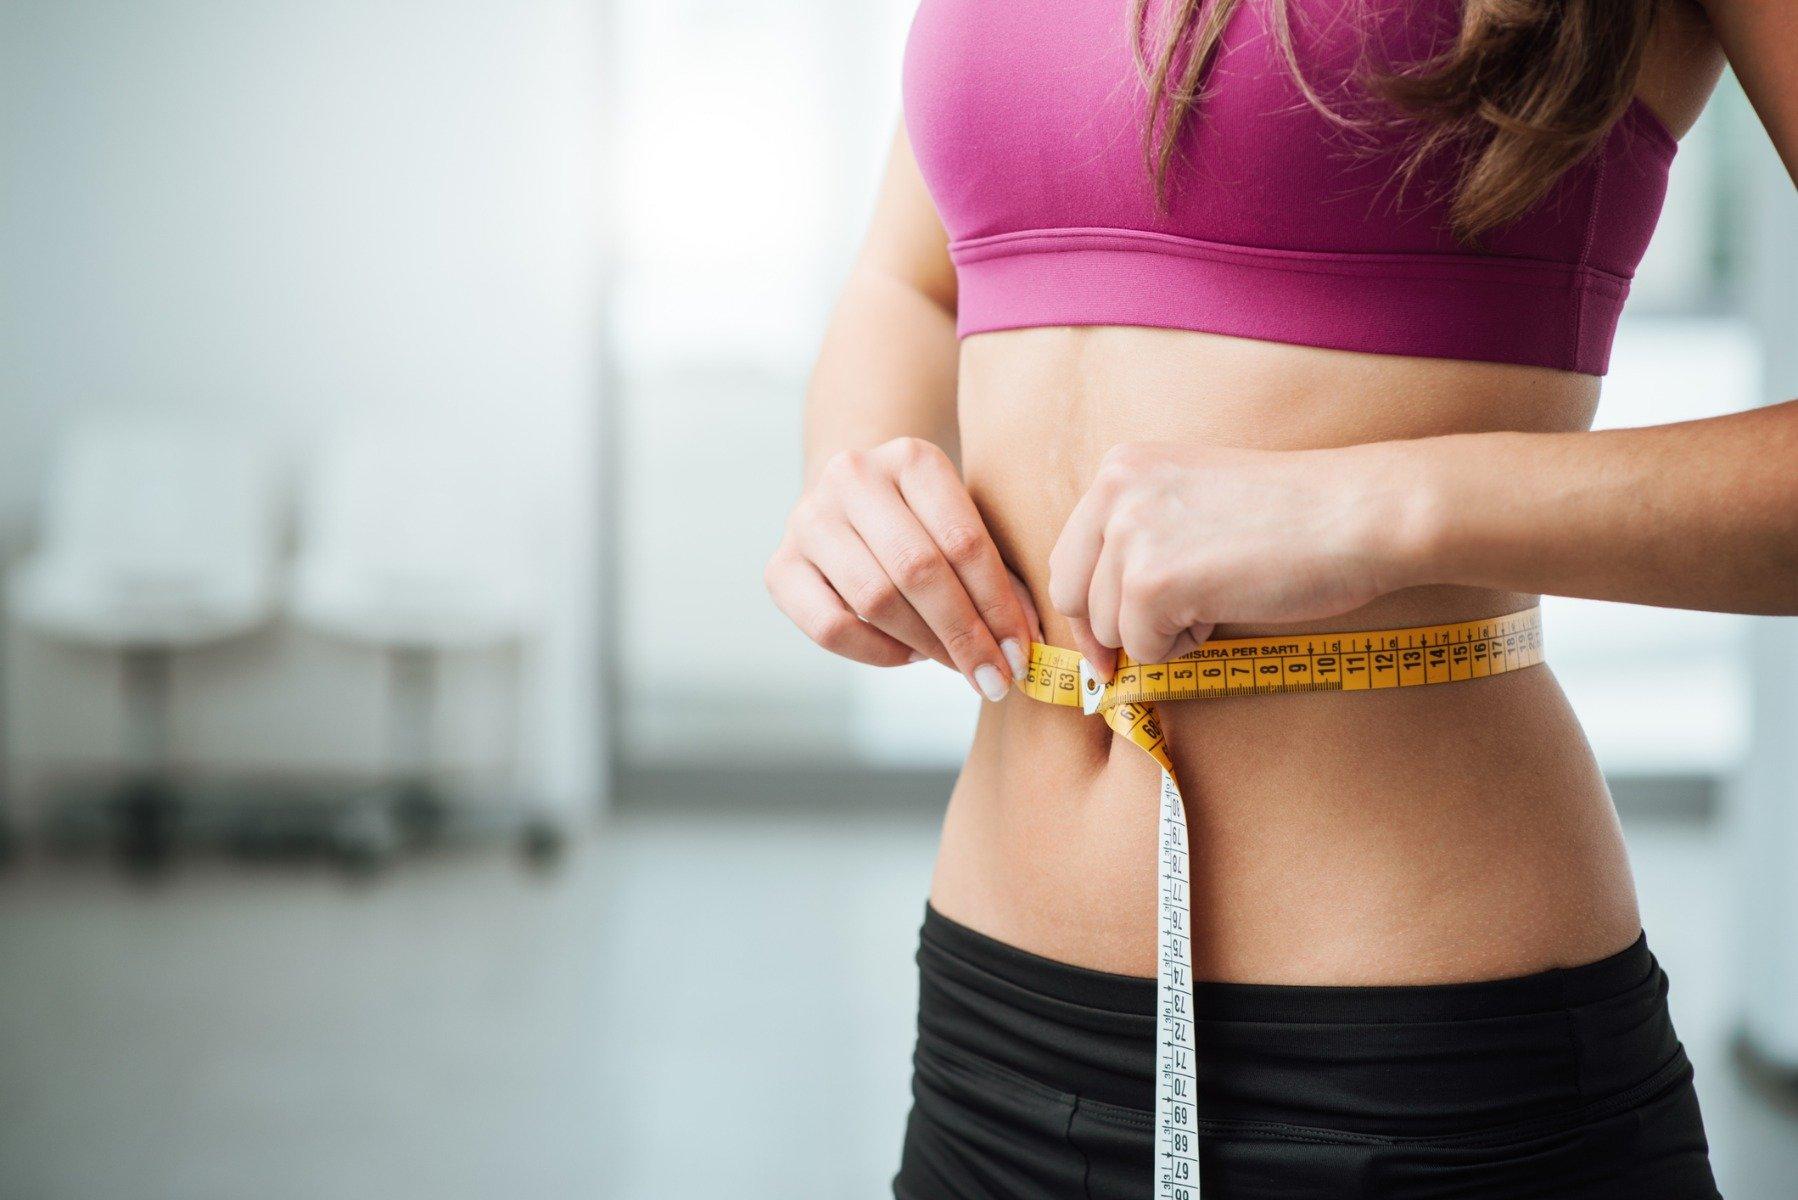 veszítsen el 8 kg zsírt)